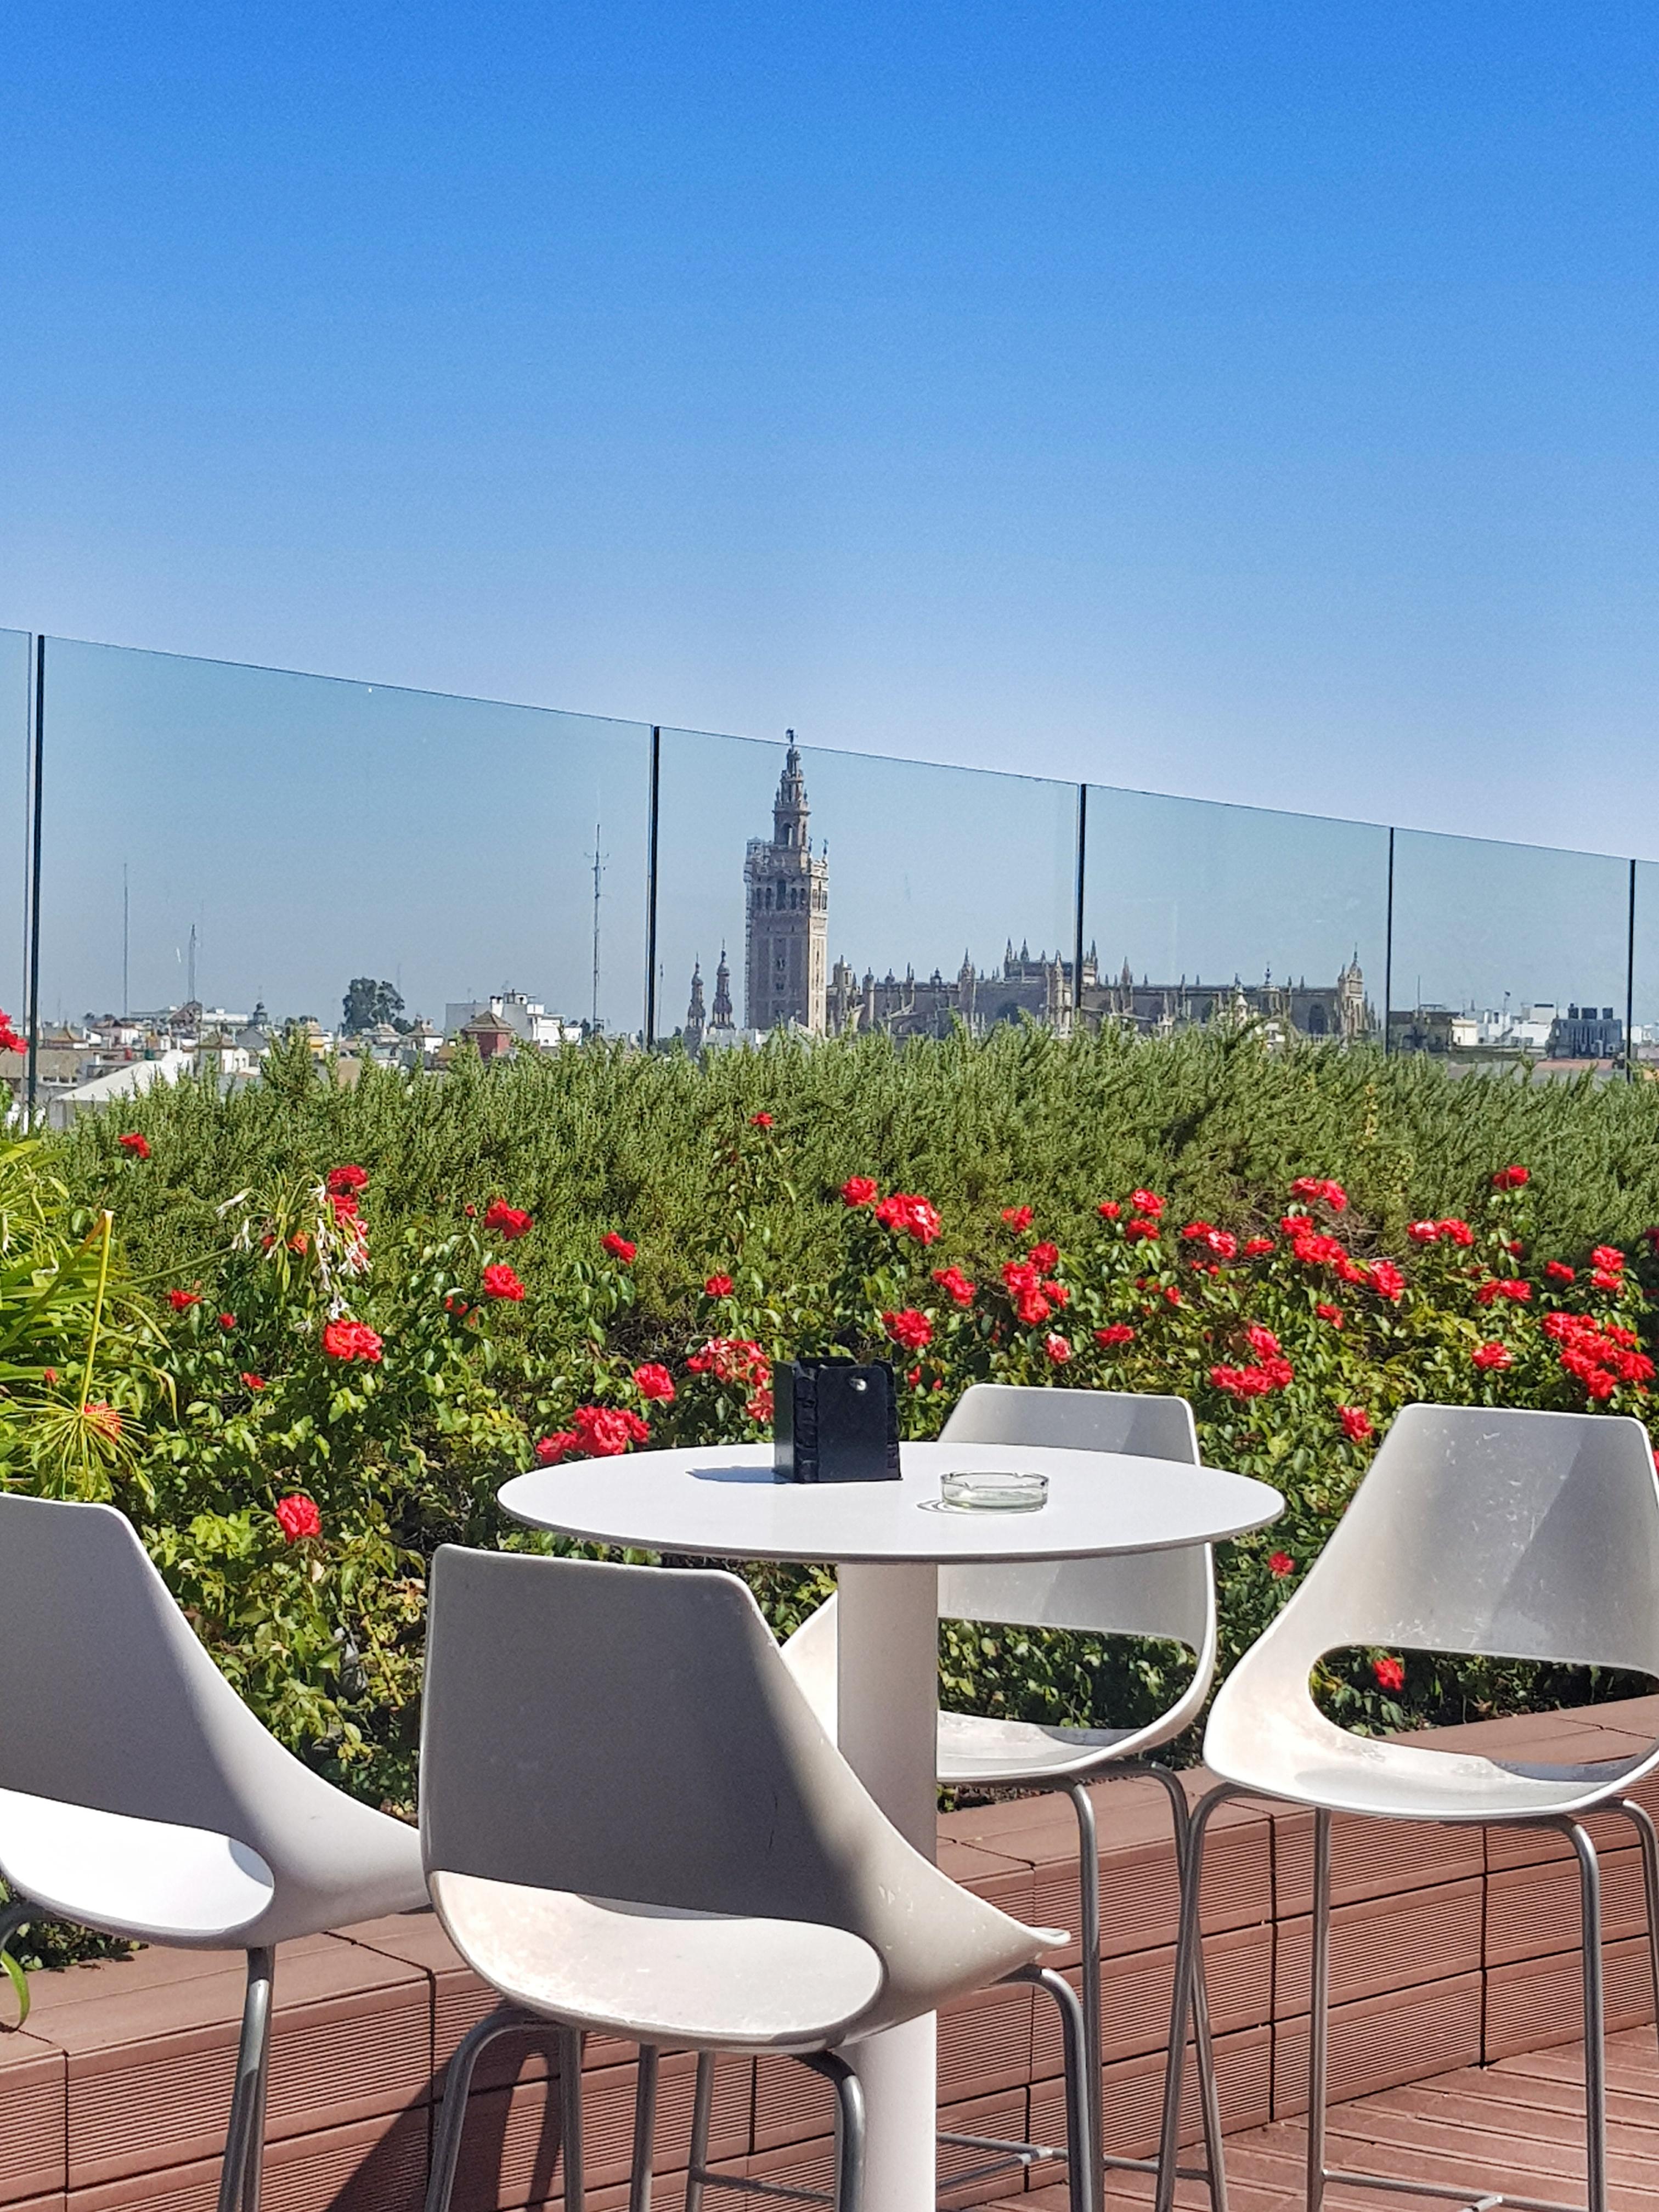 gourmetexperience_elcorteingles_seville_rooftoprestaurant